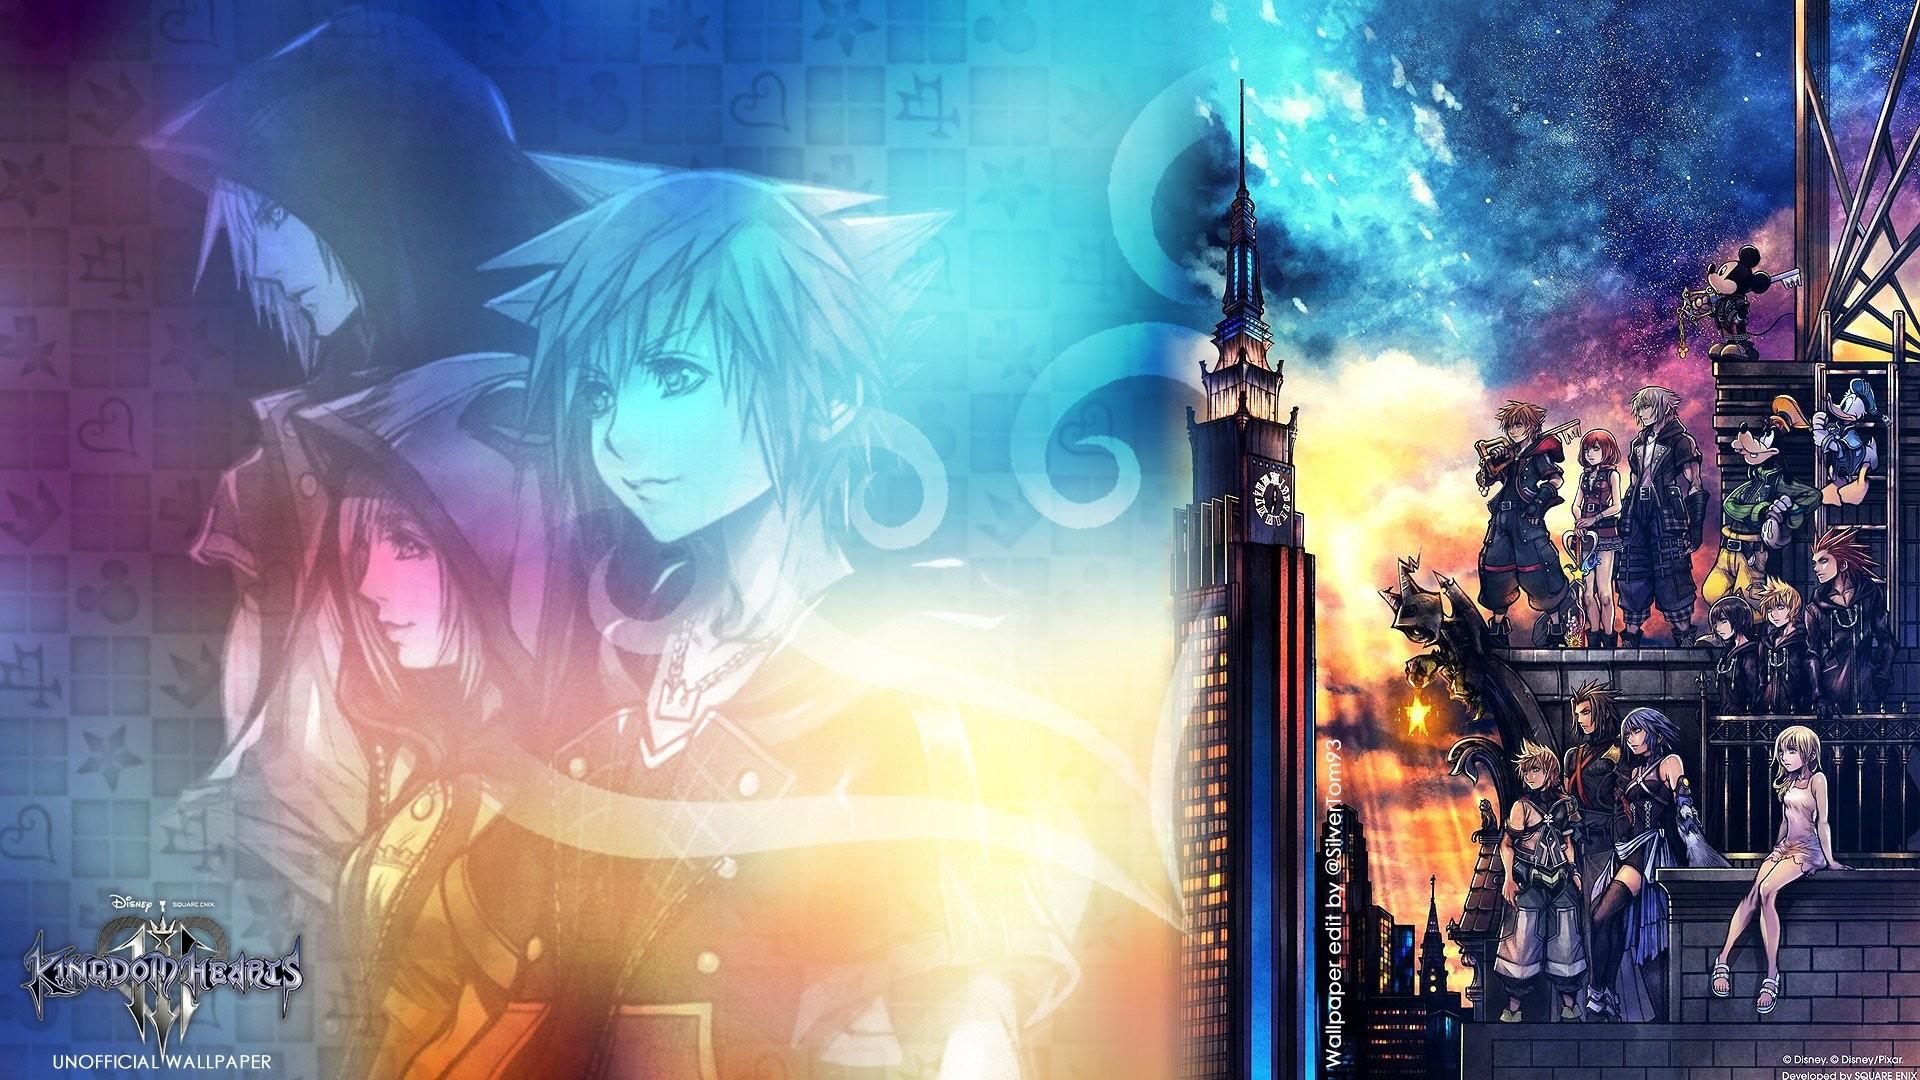 Kingdom Hearts 3 Full HD Wallpaper